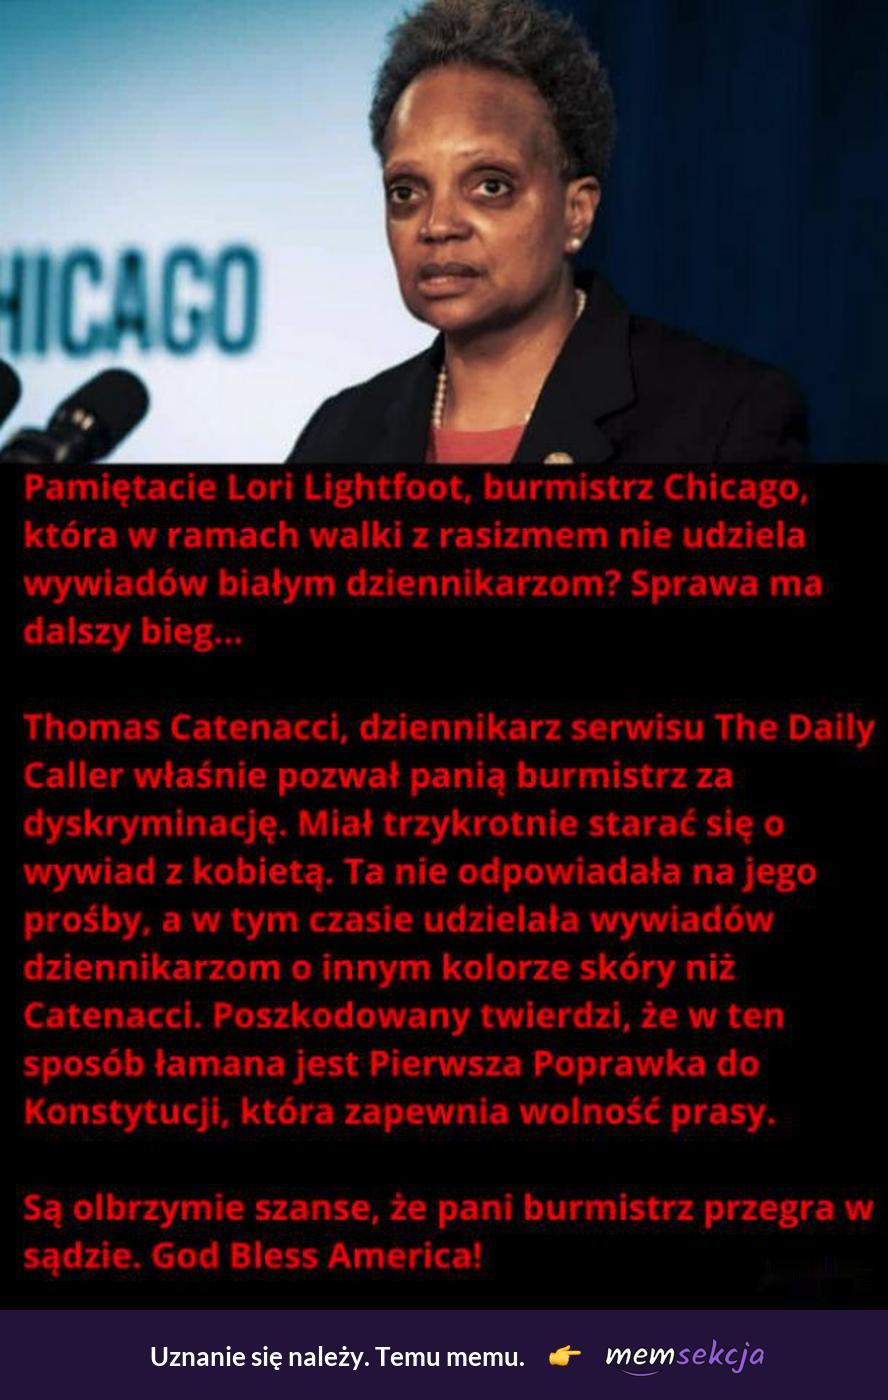 Rasistowska, czarna burmistrz Chicago. Memy polityczne. Usa. Murzynka